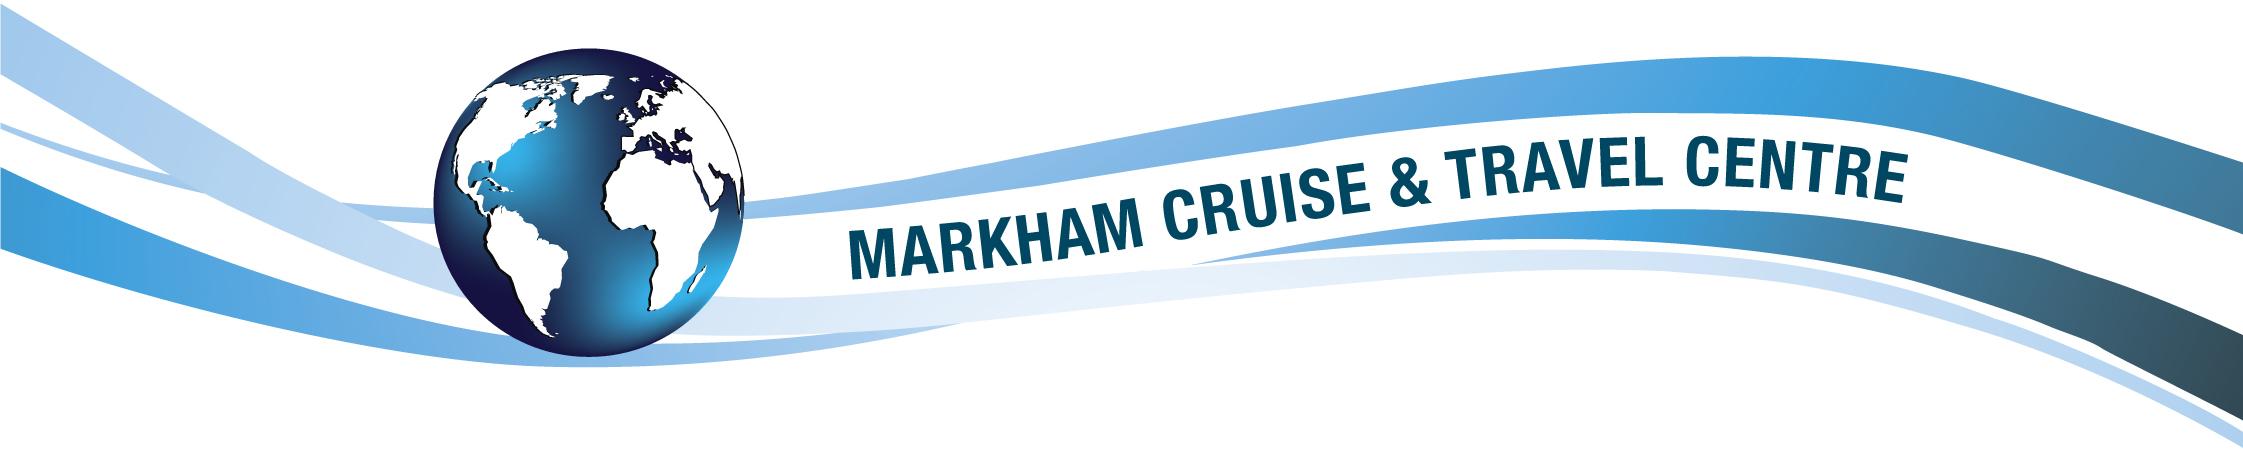 Markham Cruise & Travel Centre